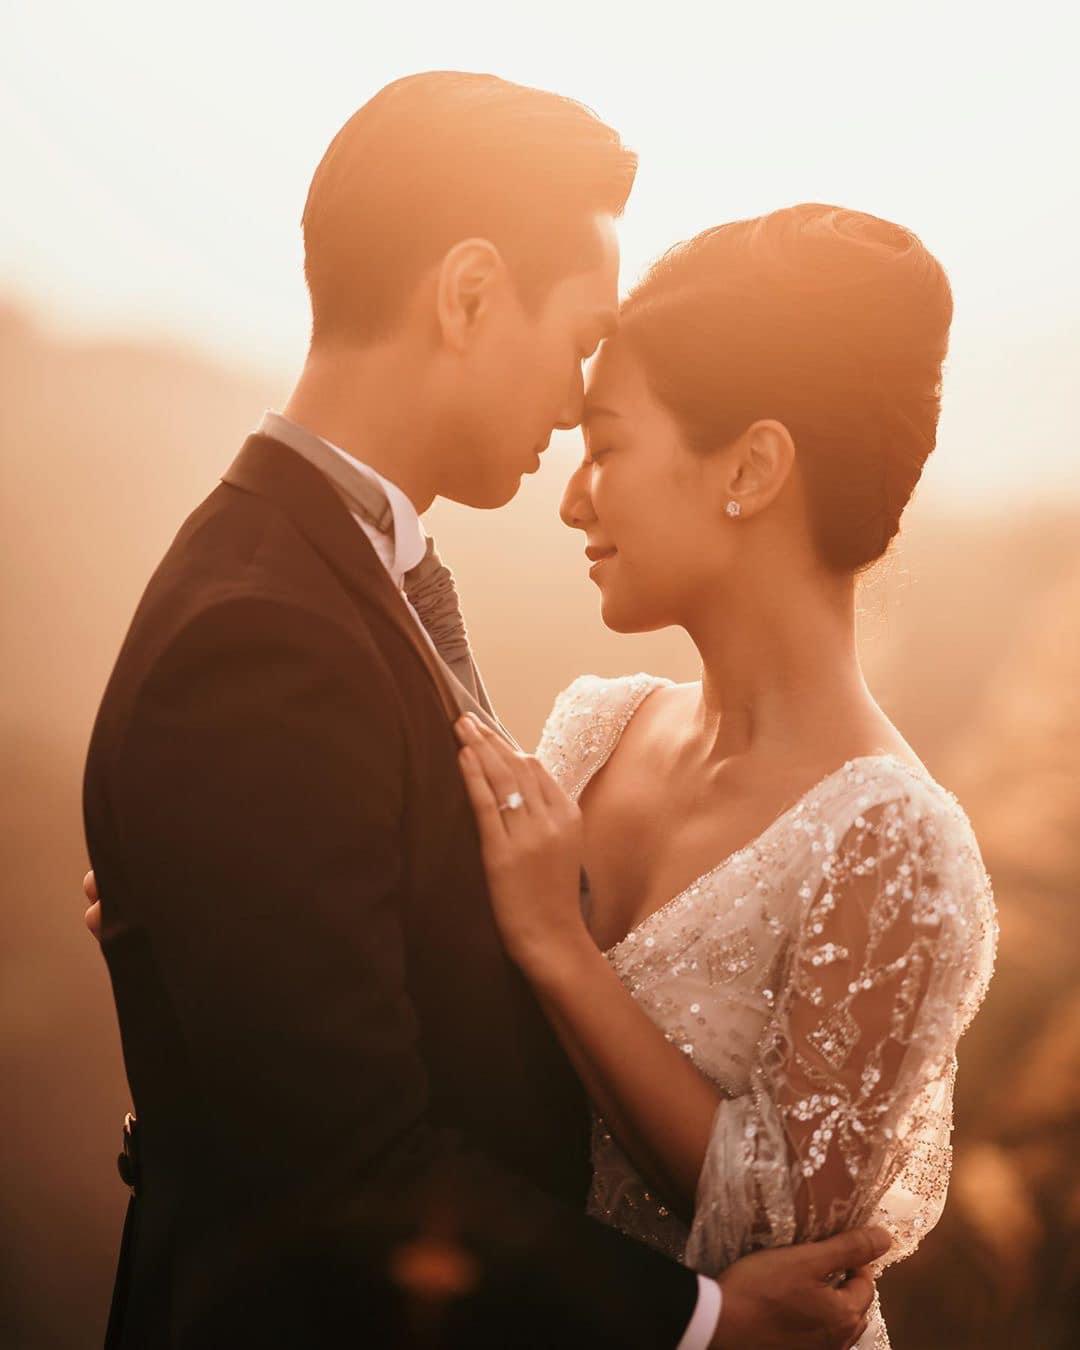 元旦凌晨時分,二人在社交平台宣布結婚,婚期定於年尾。